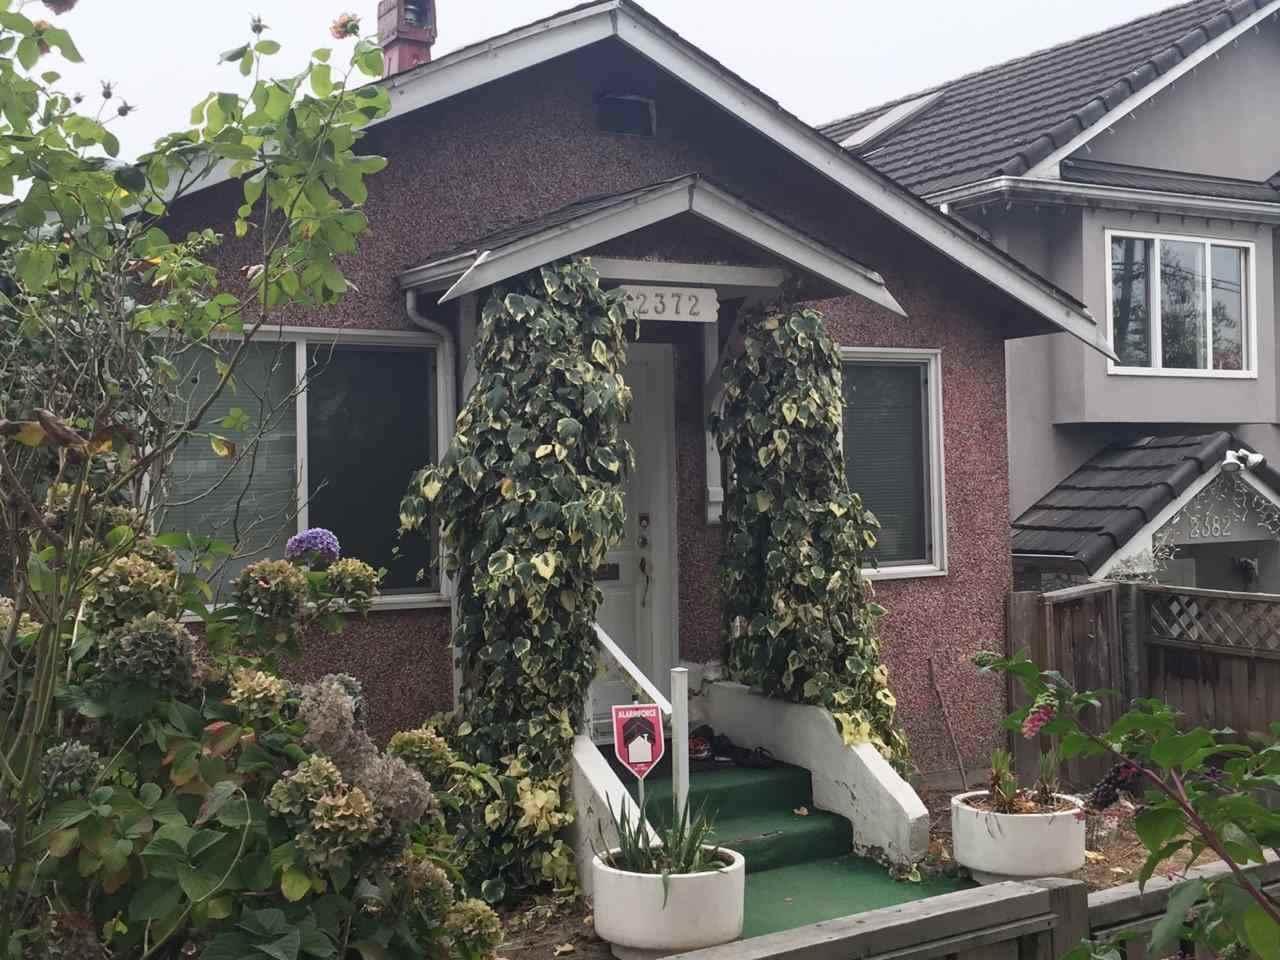 2372 NANAIMO STREET, Vancouver